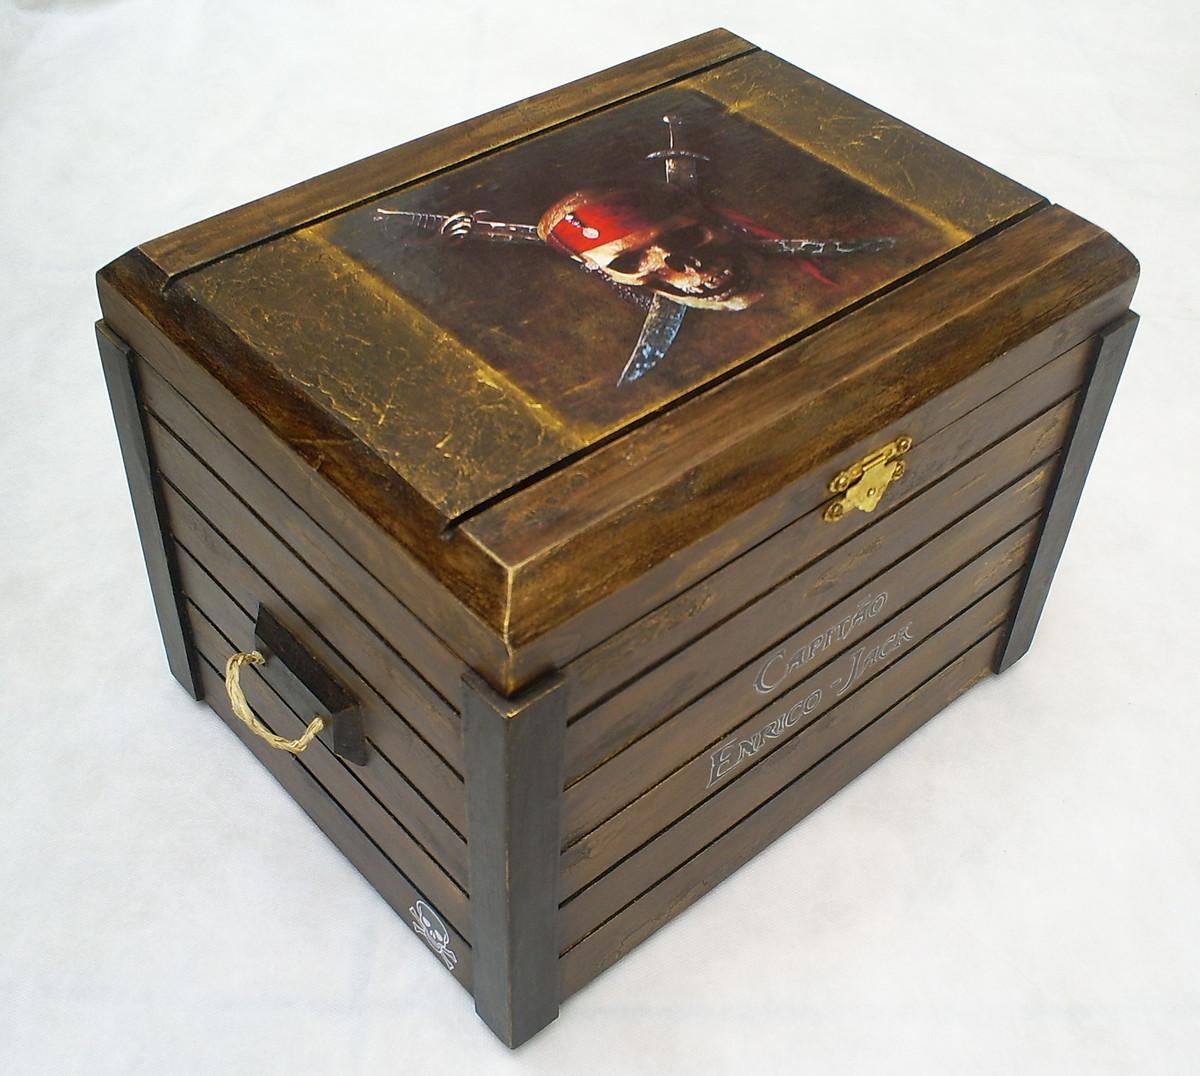 ba pirata no elo7 gurian arte em madeira 4618f5. Black Bedroom Furniture Sets. Home Design Ideas